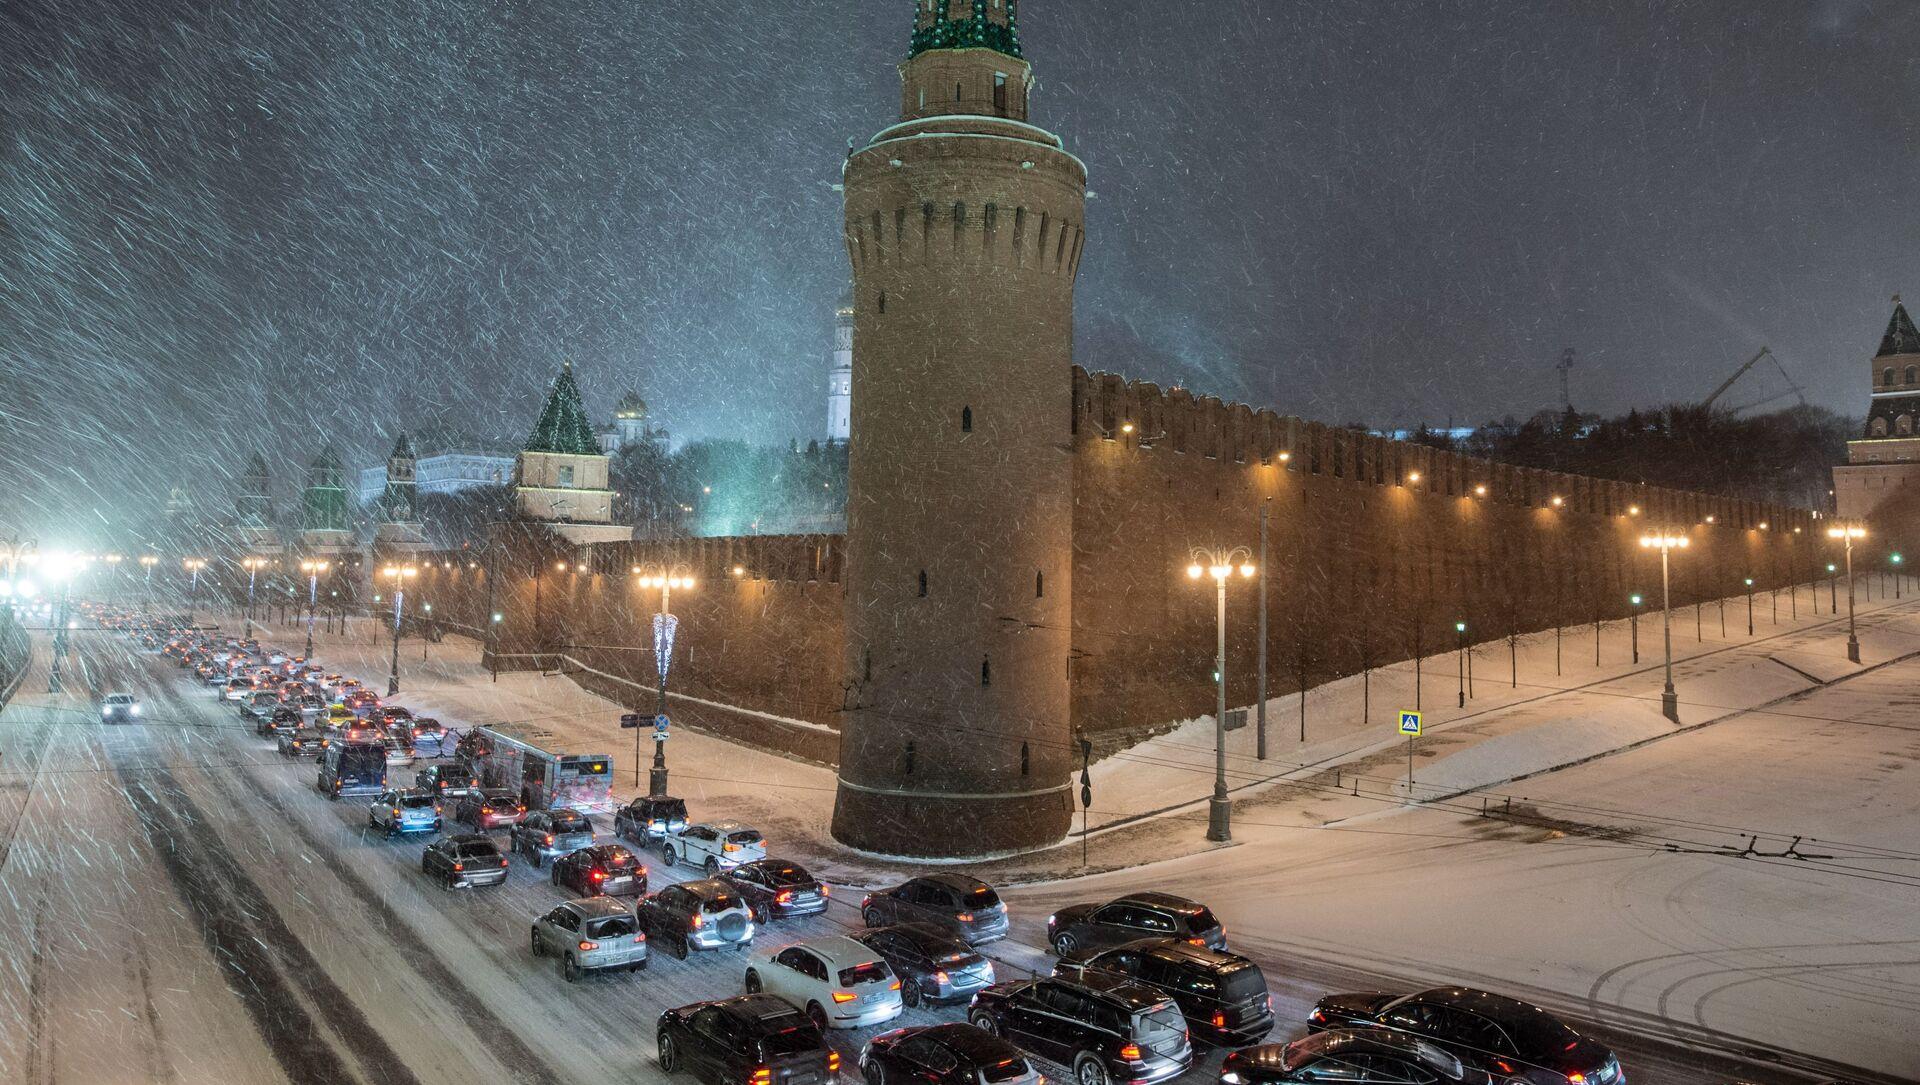 Mosca sotto la neve - Sputnik Italia, 1920, 10.02.2021